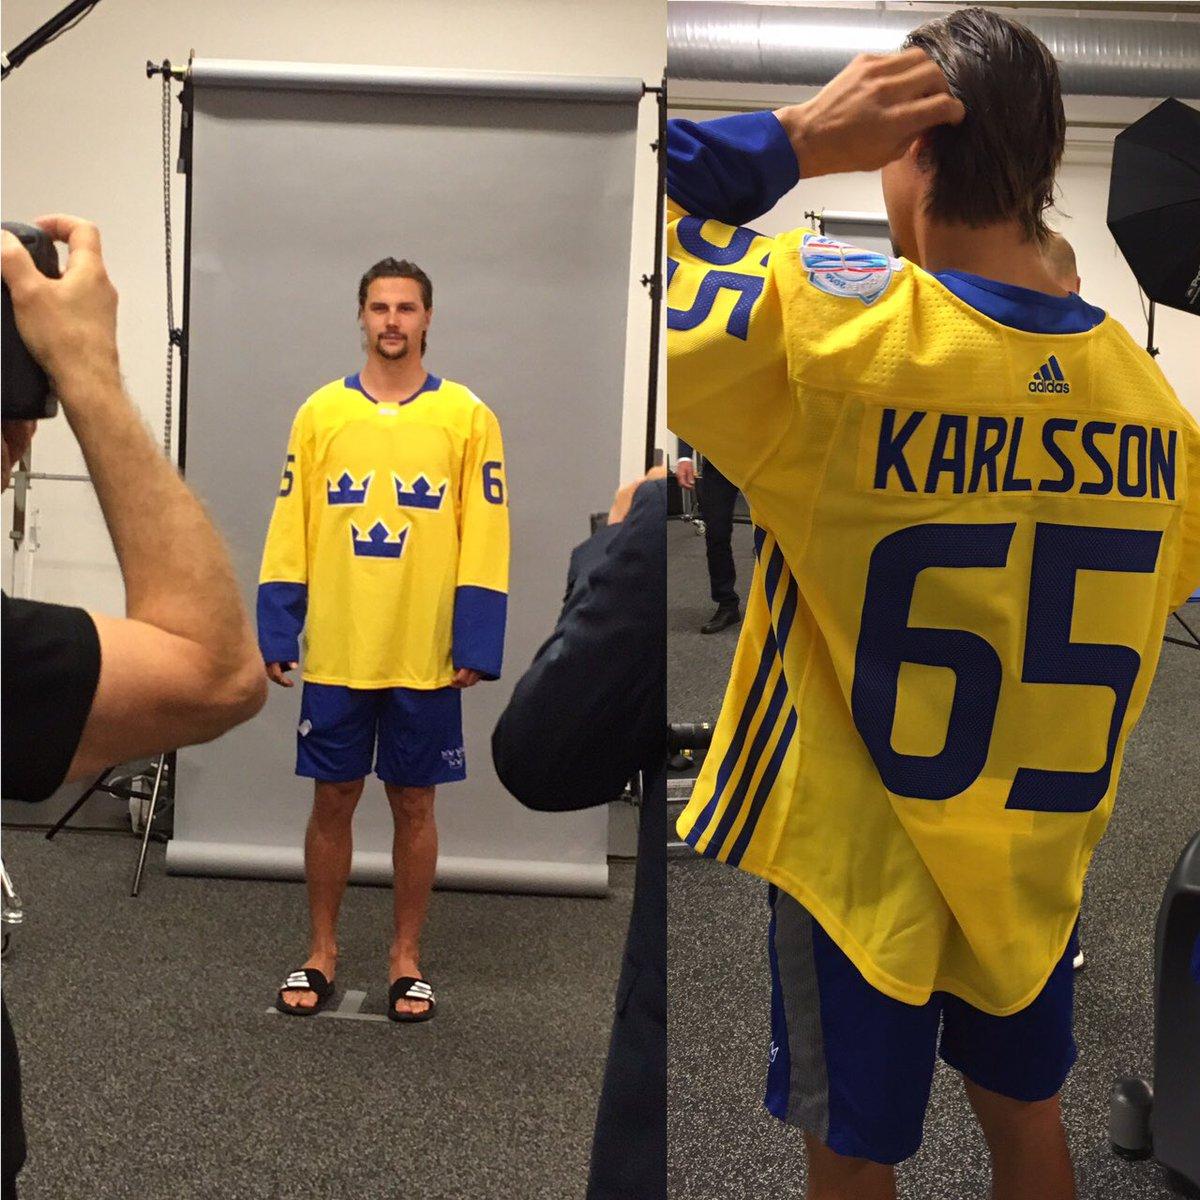 erik karlsson team sweden jersey